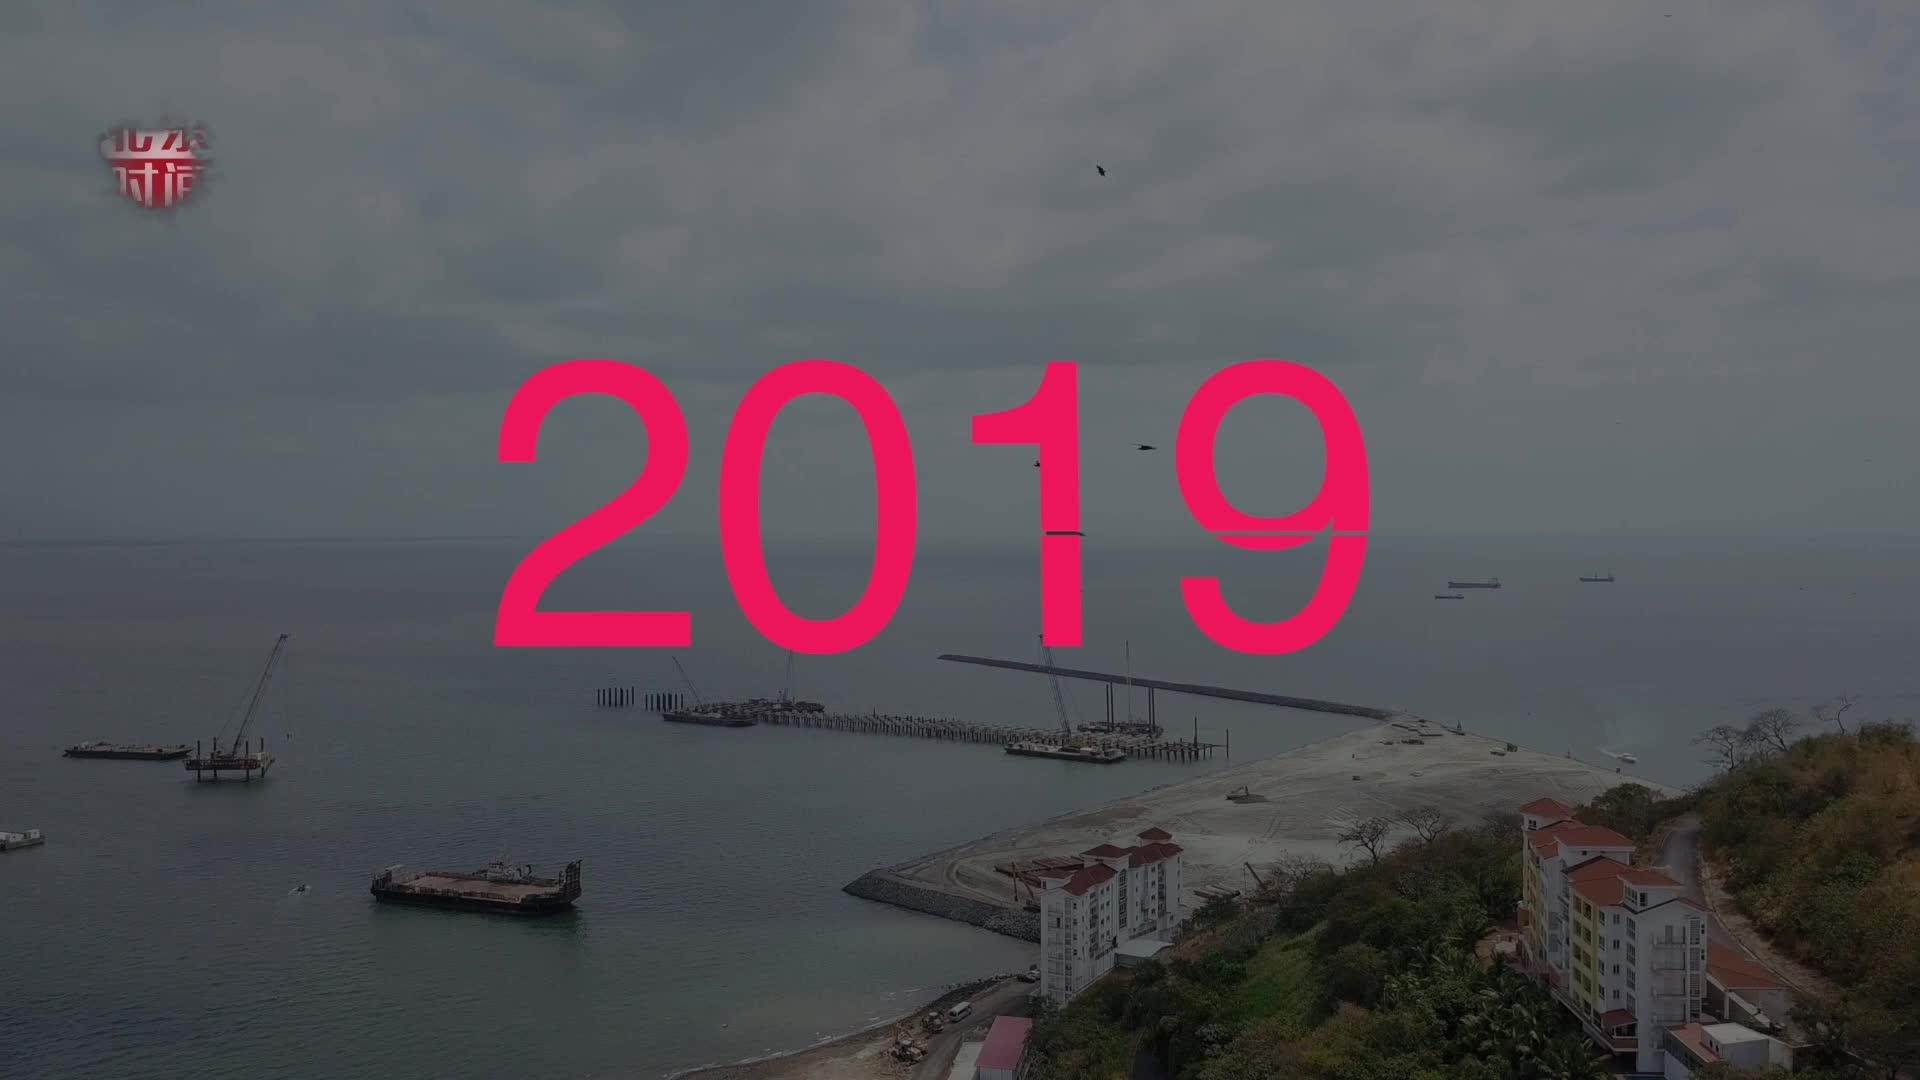 [视频]中国遇上巴拿马 一座见证中巴建交的邮轮码头就此诞生